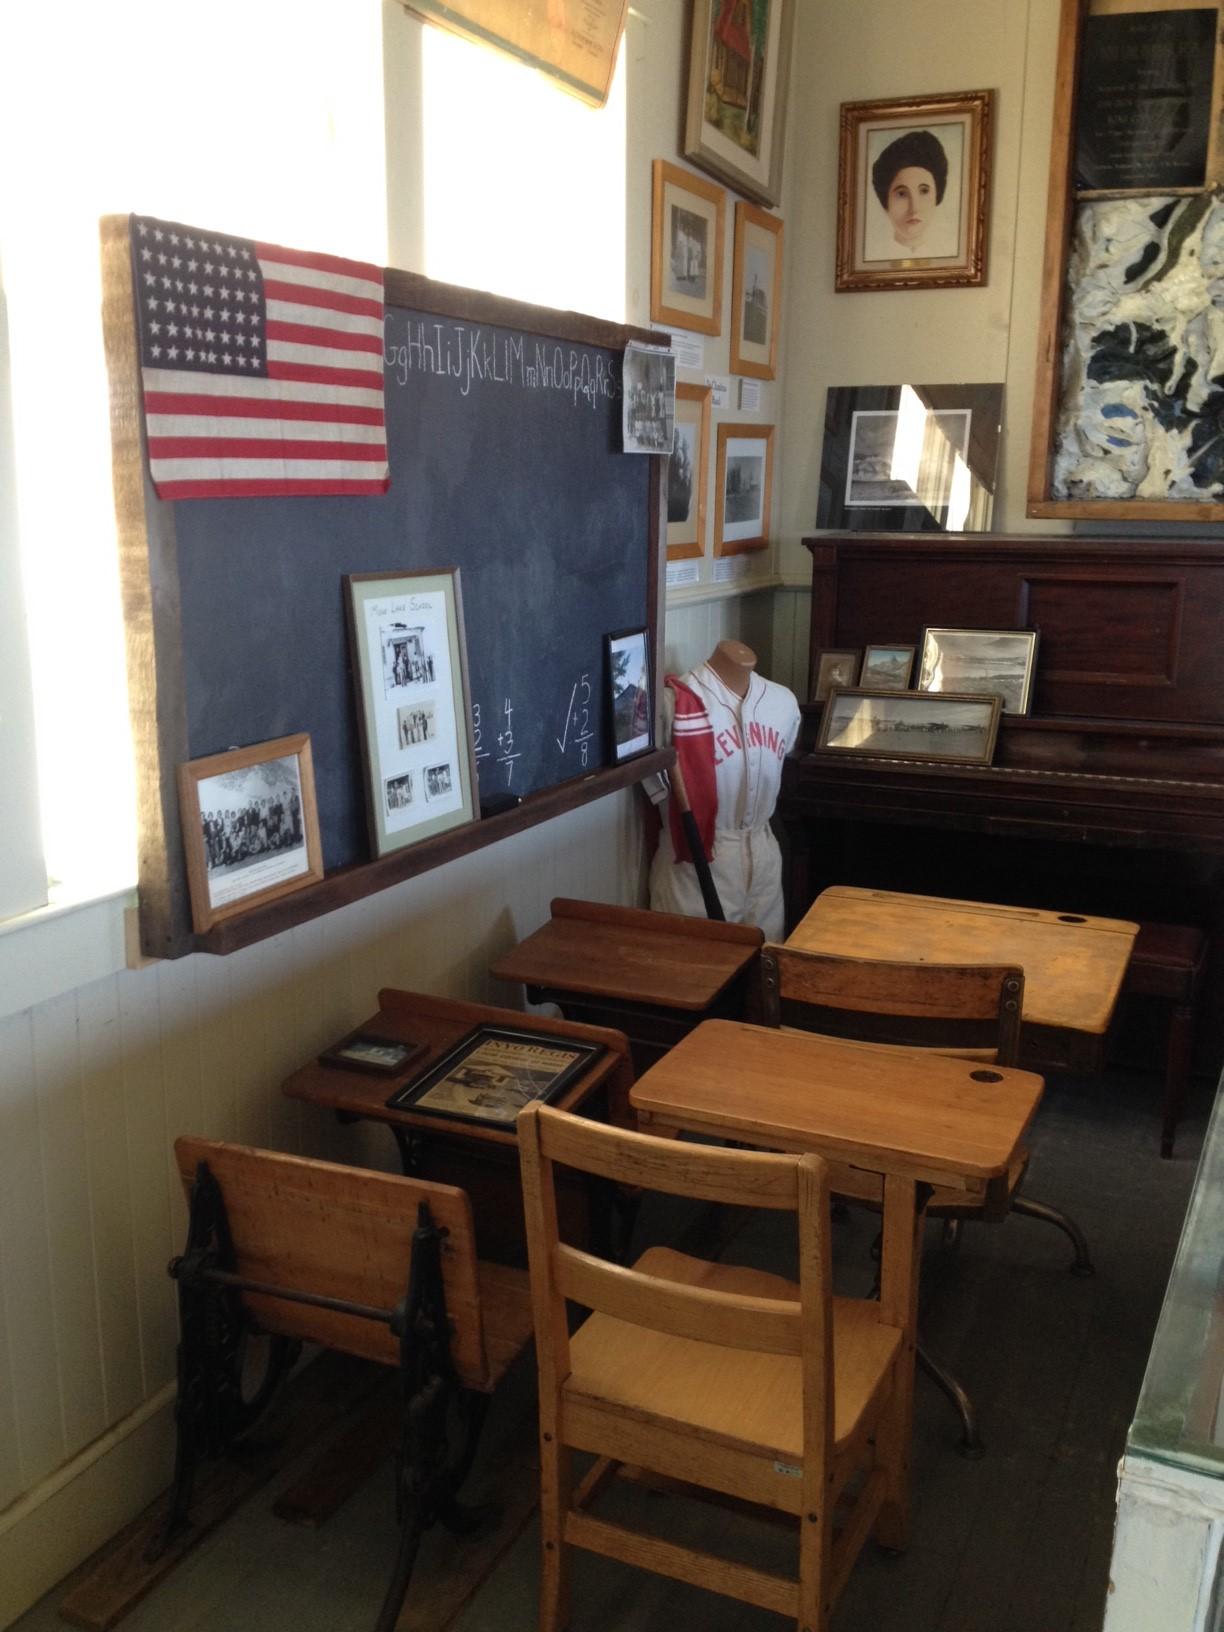 school desks by blackboard and baseball uniform on mannikin.JPG